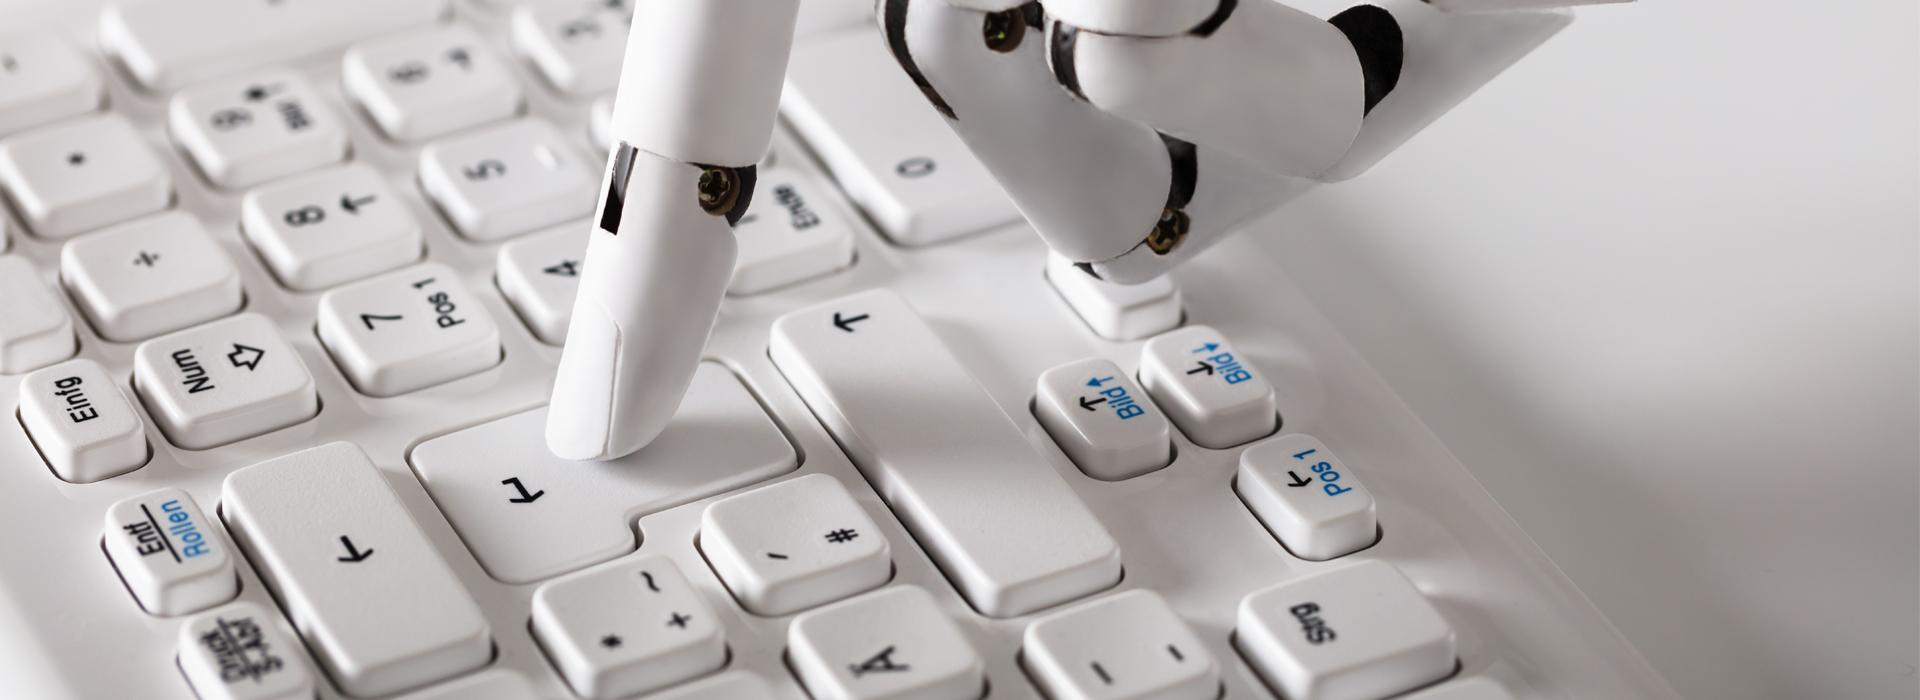 幹嘛要怕機器人?